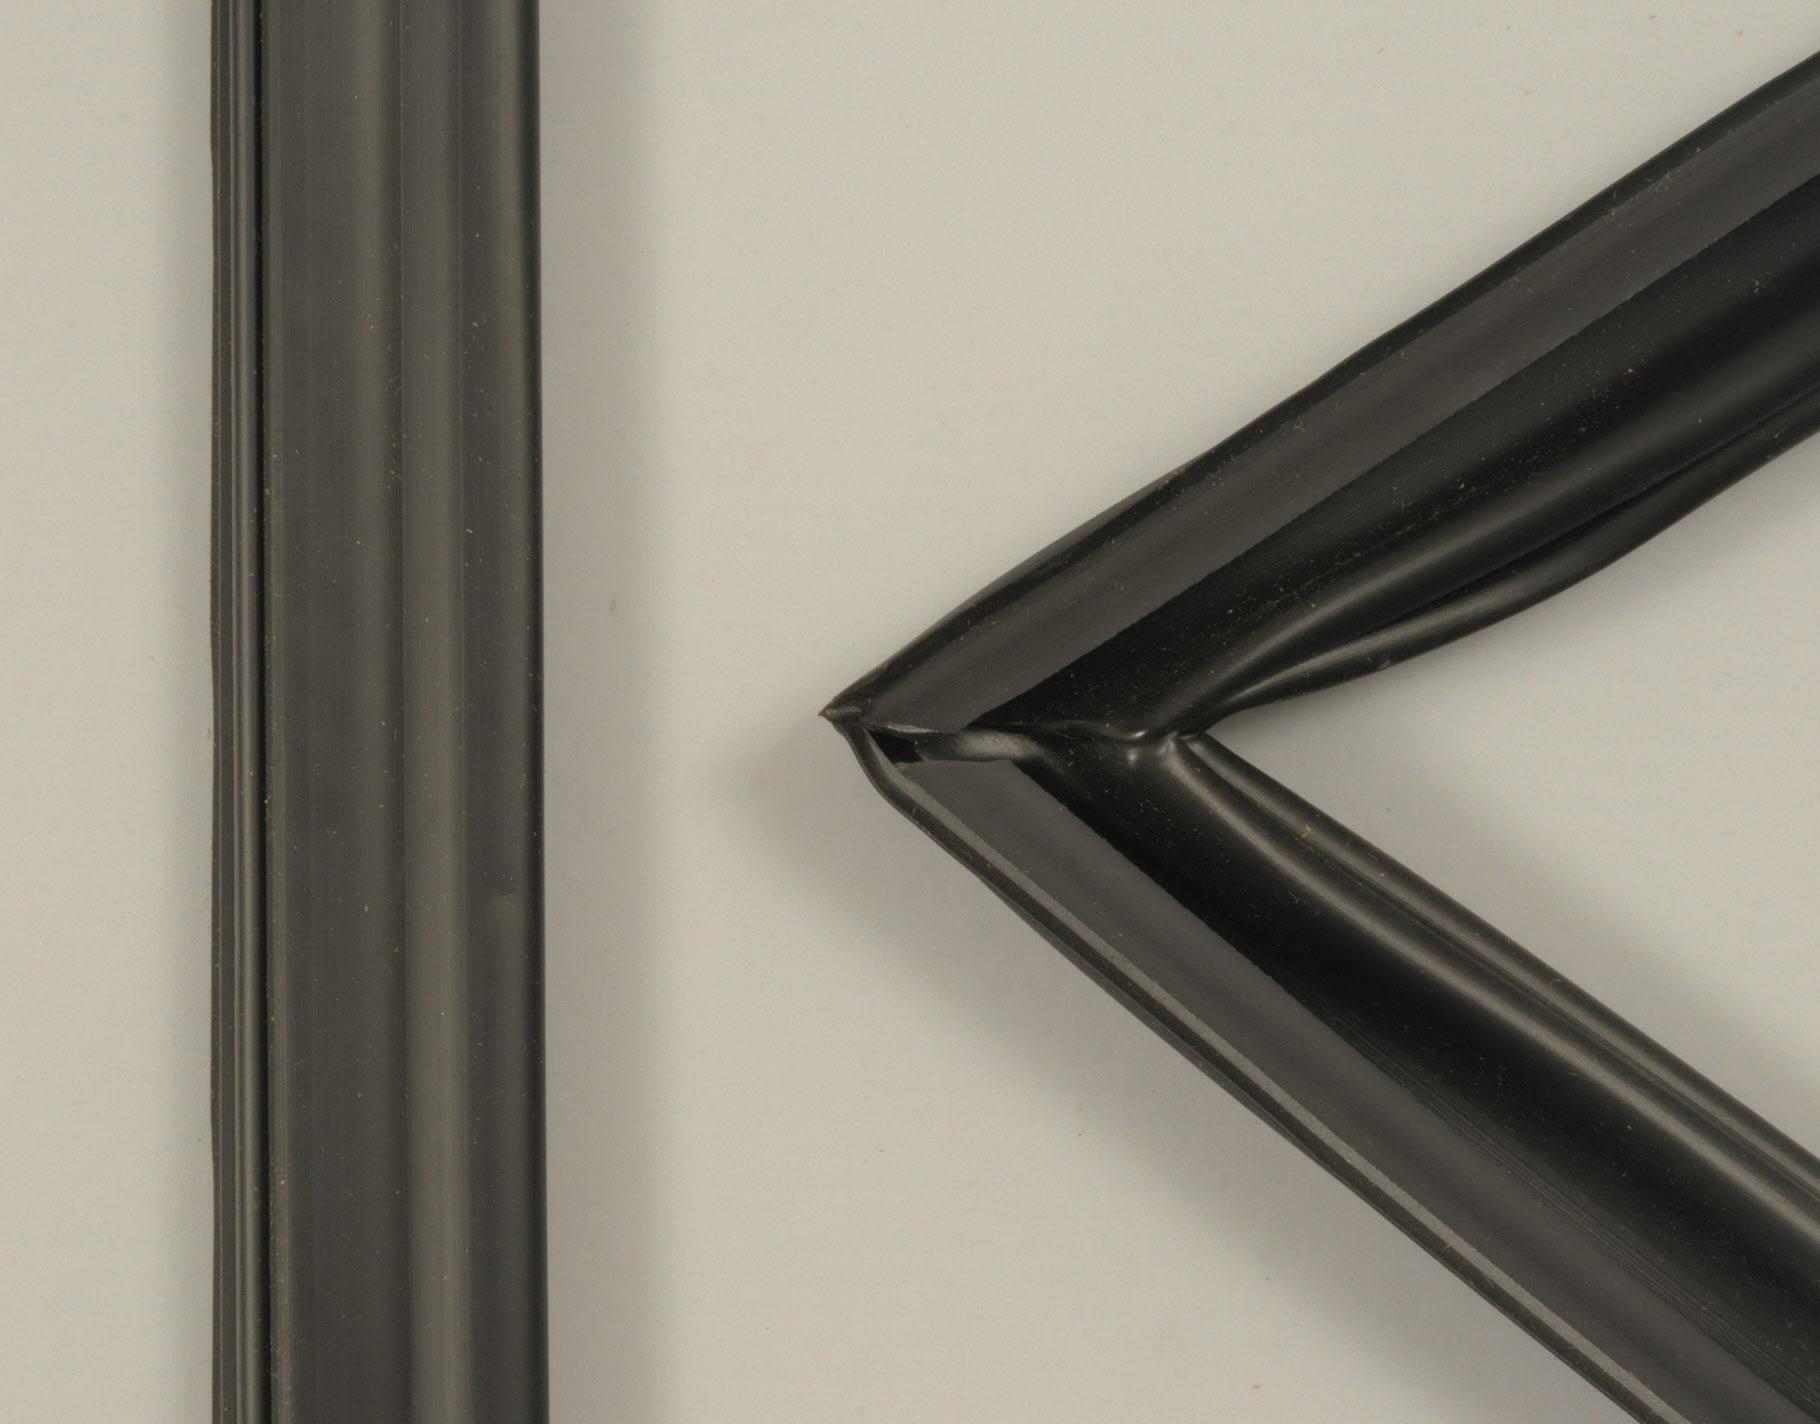 Kenmore Refrigerator Part # 2159083 - Door Gasket